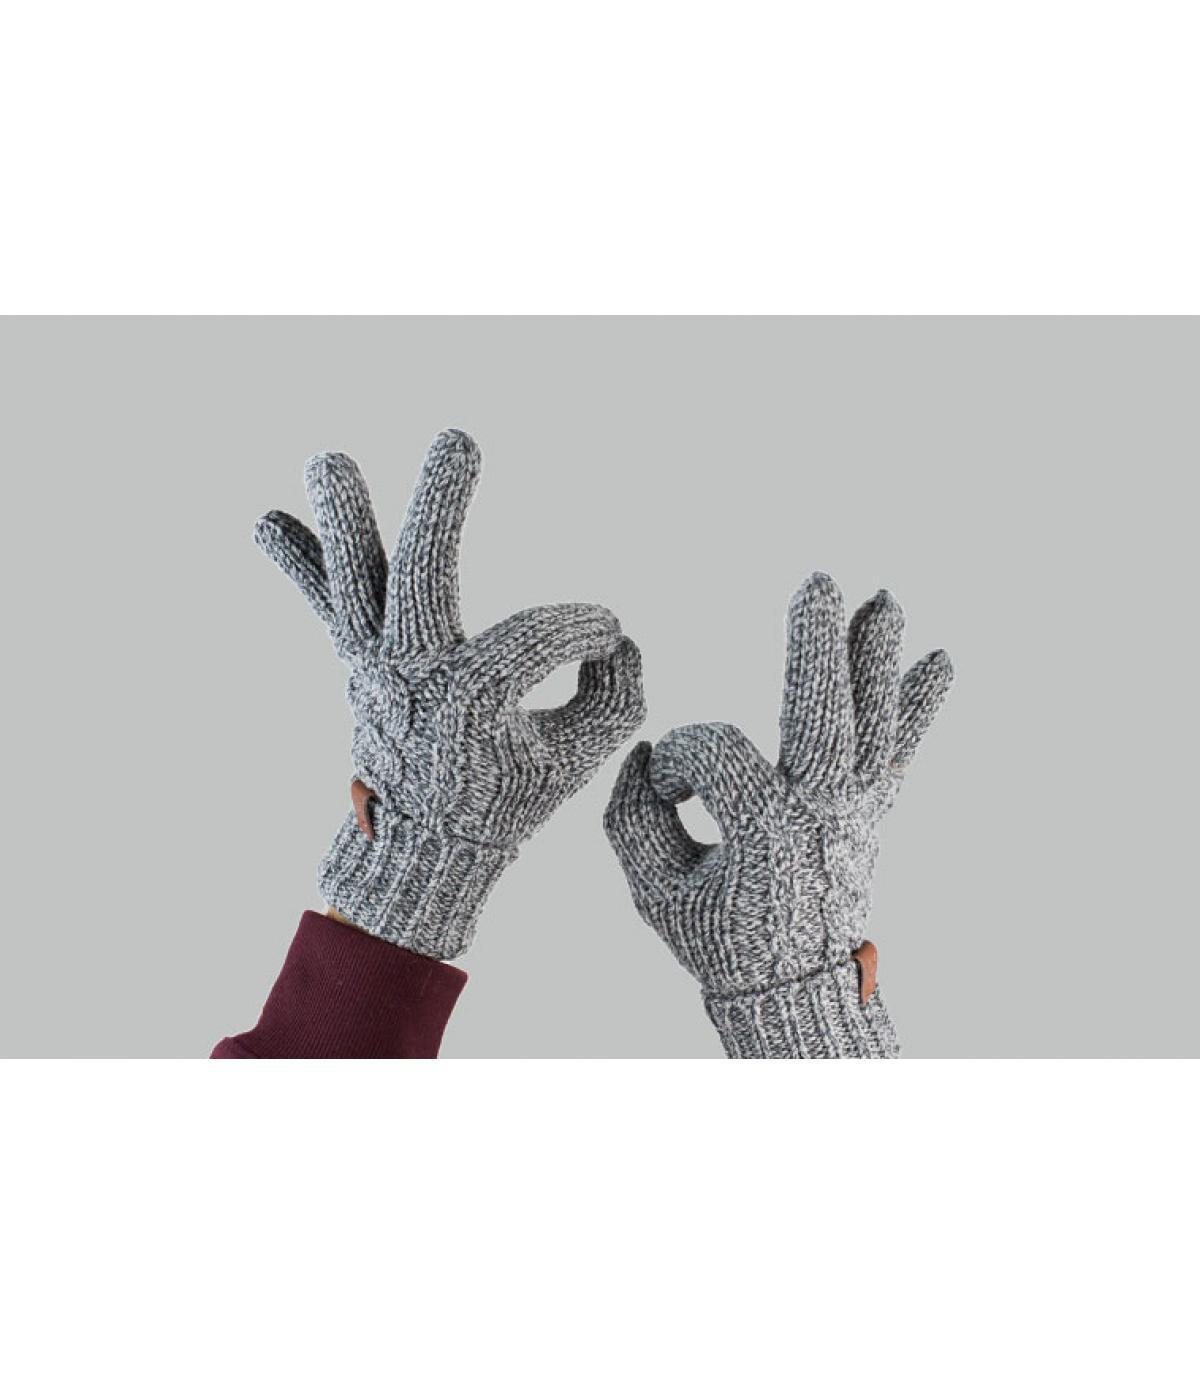 guanti grigi attorcigliati